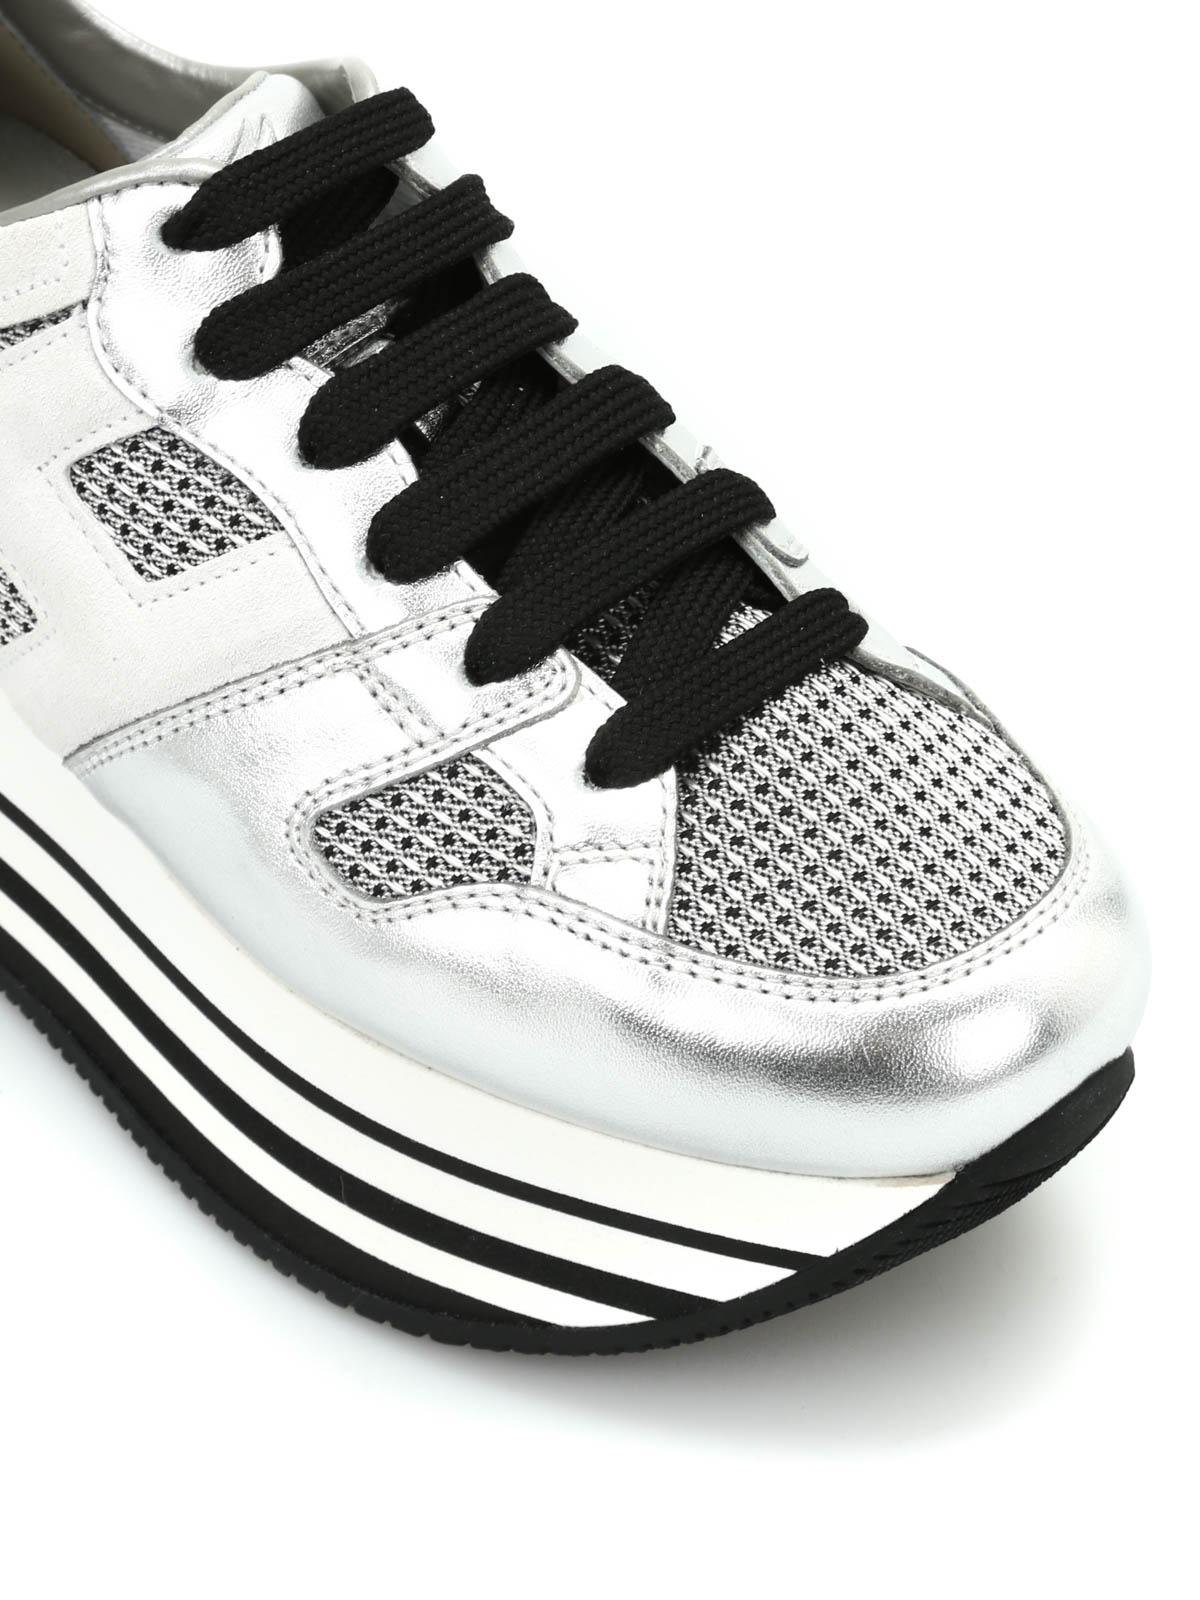 scarpe simil hogan h222